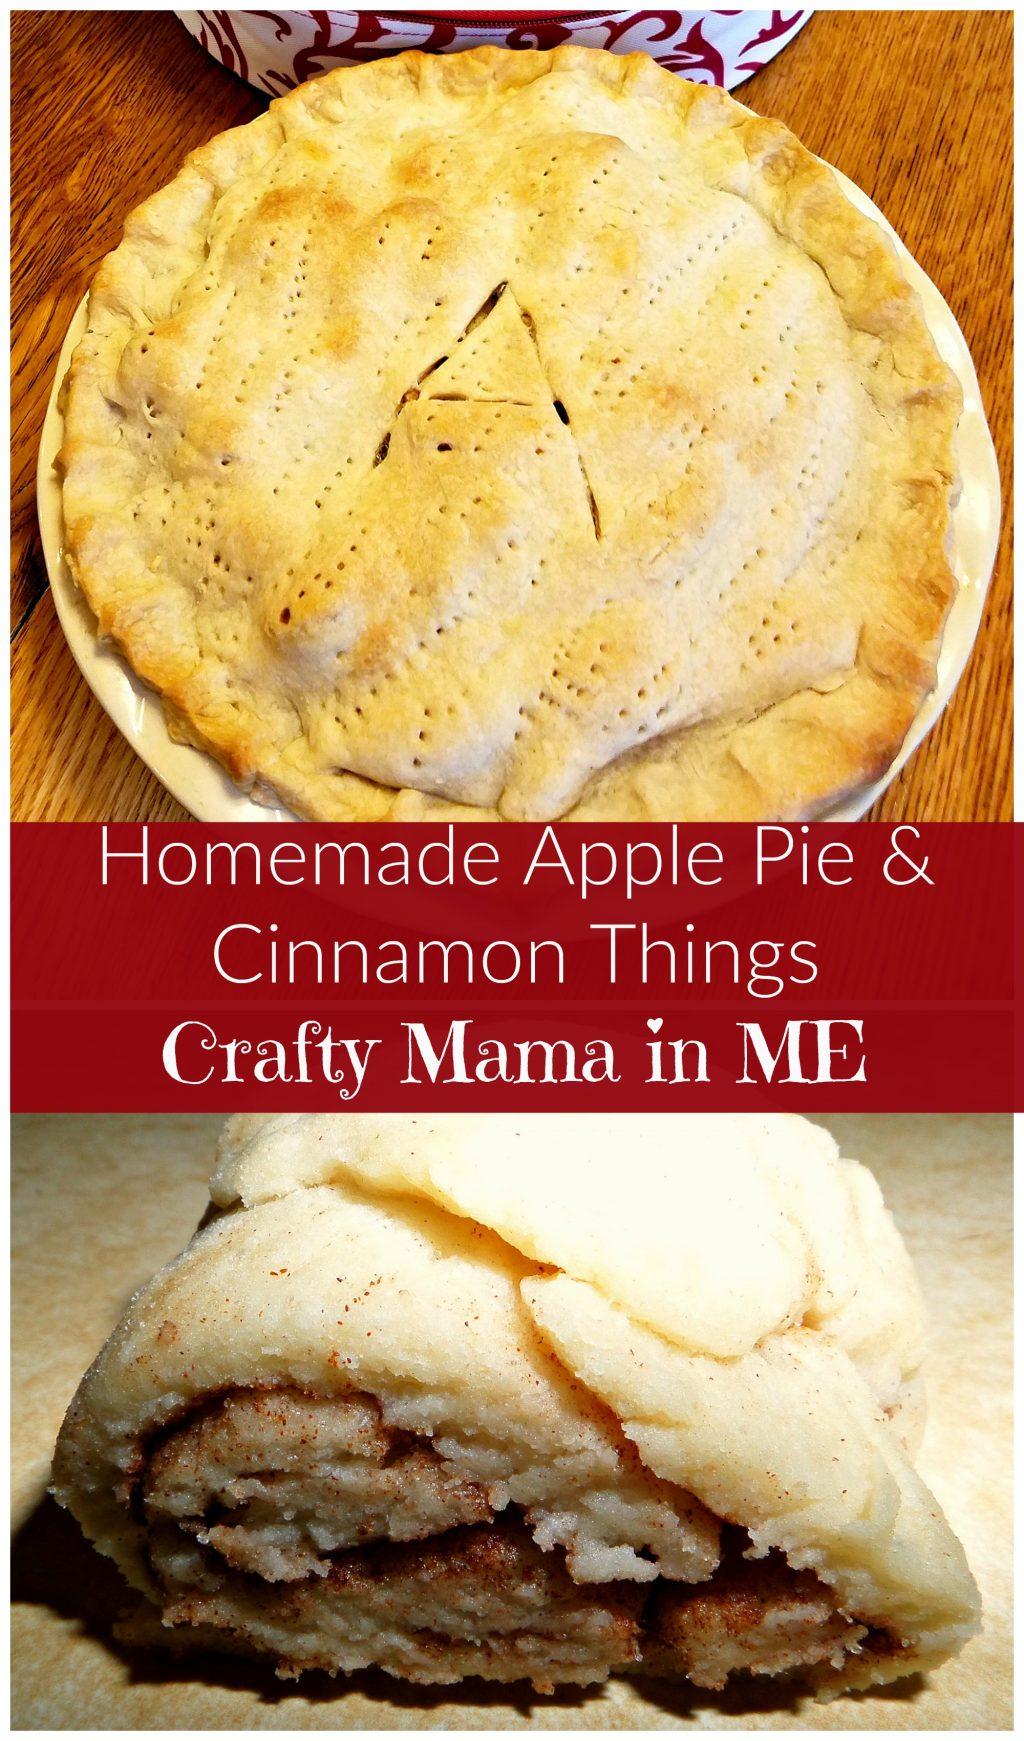 Apple Pie & Cinnamon Things